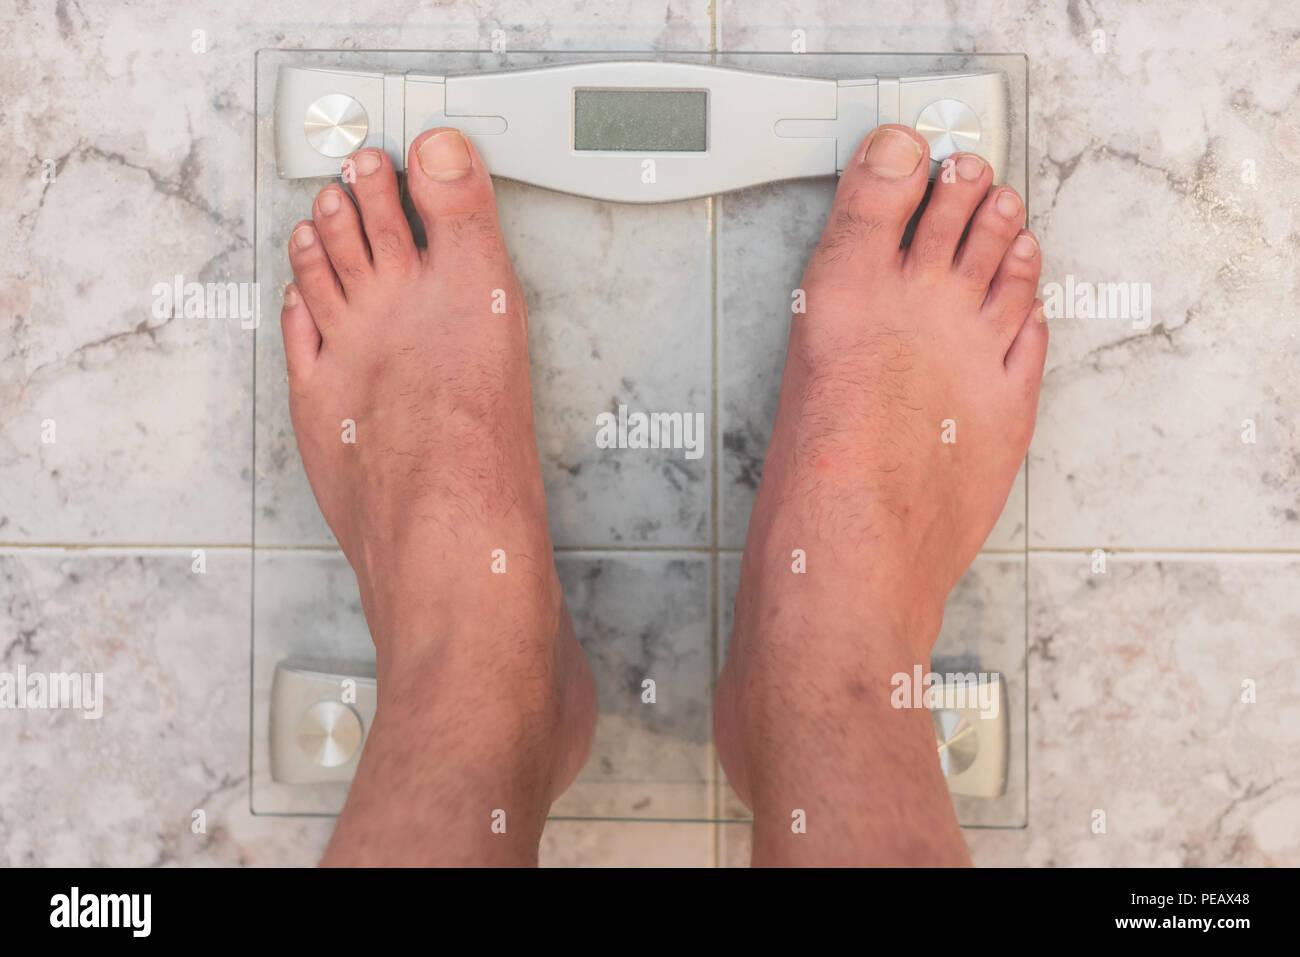 Pieds de l'homme debout sur l'échelle de poids Photo Stock